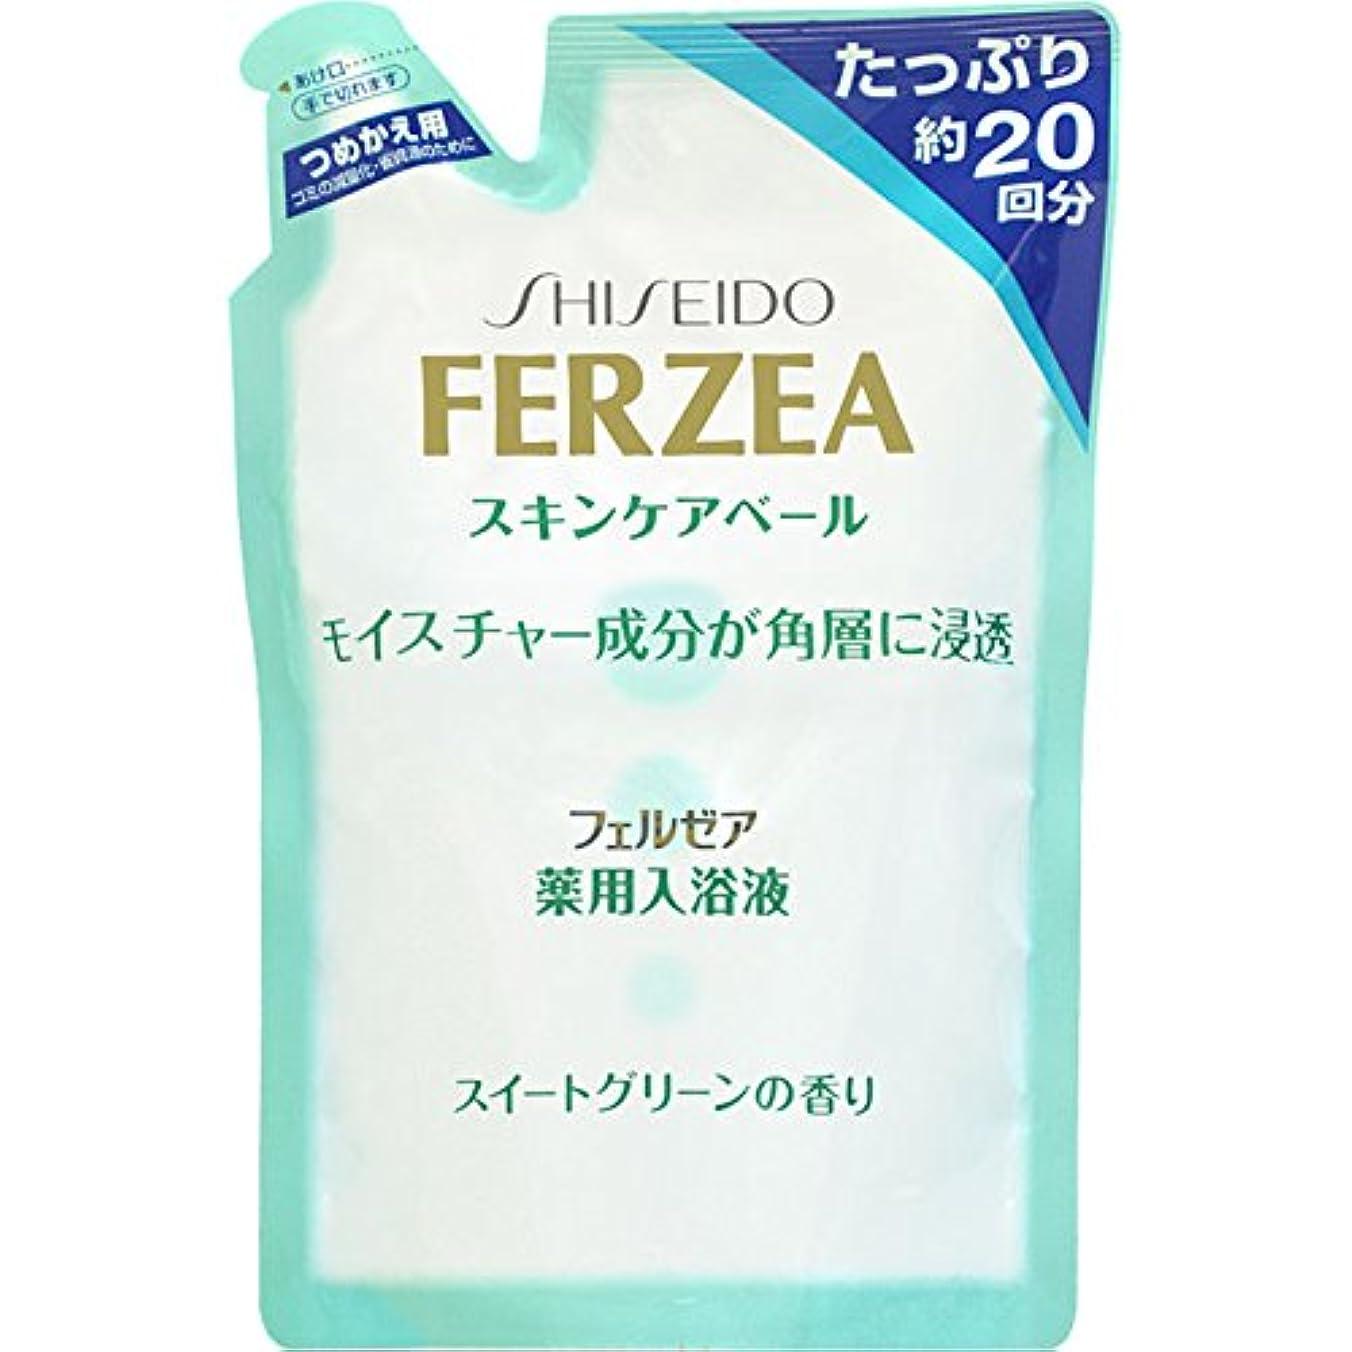 恥ずかしさ生産性馬鹿げたフェルゼア薬用スキンケア入浴液G詰替 500ml